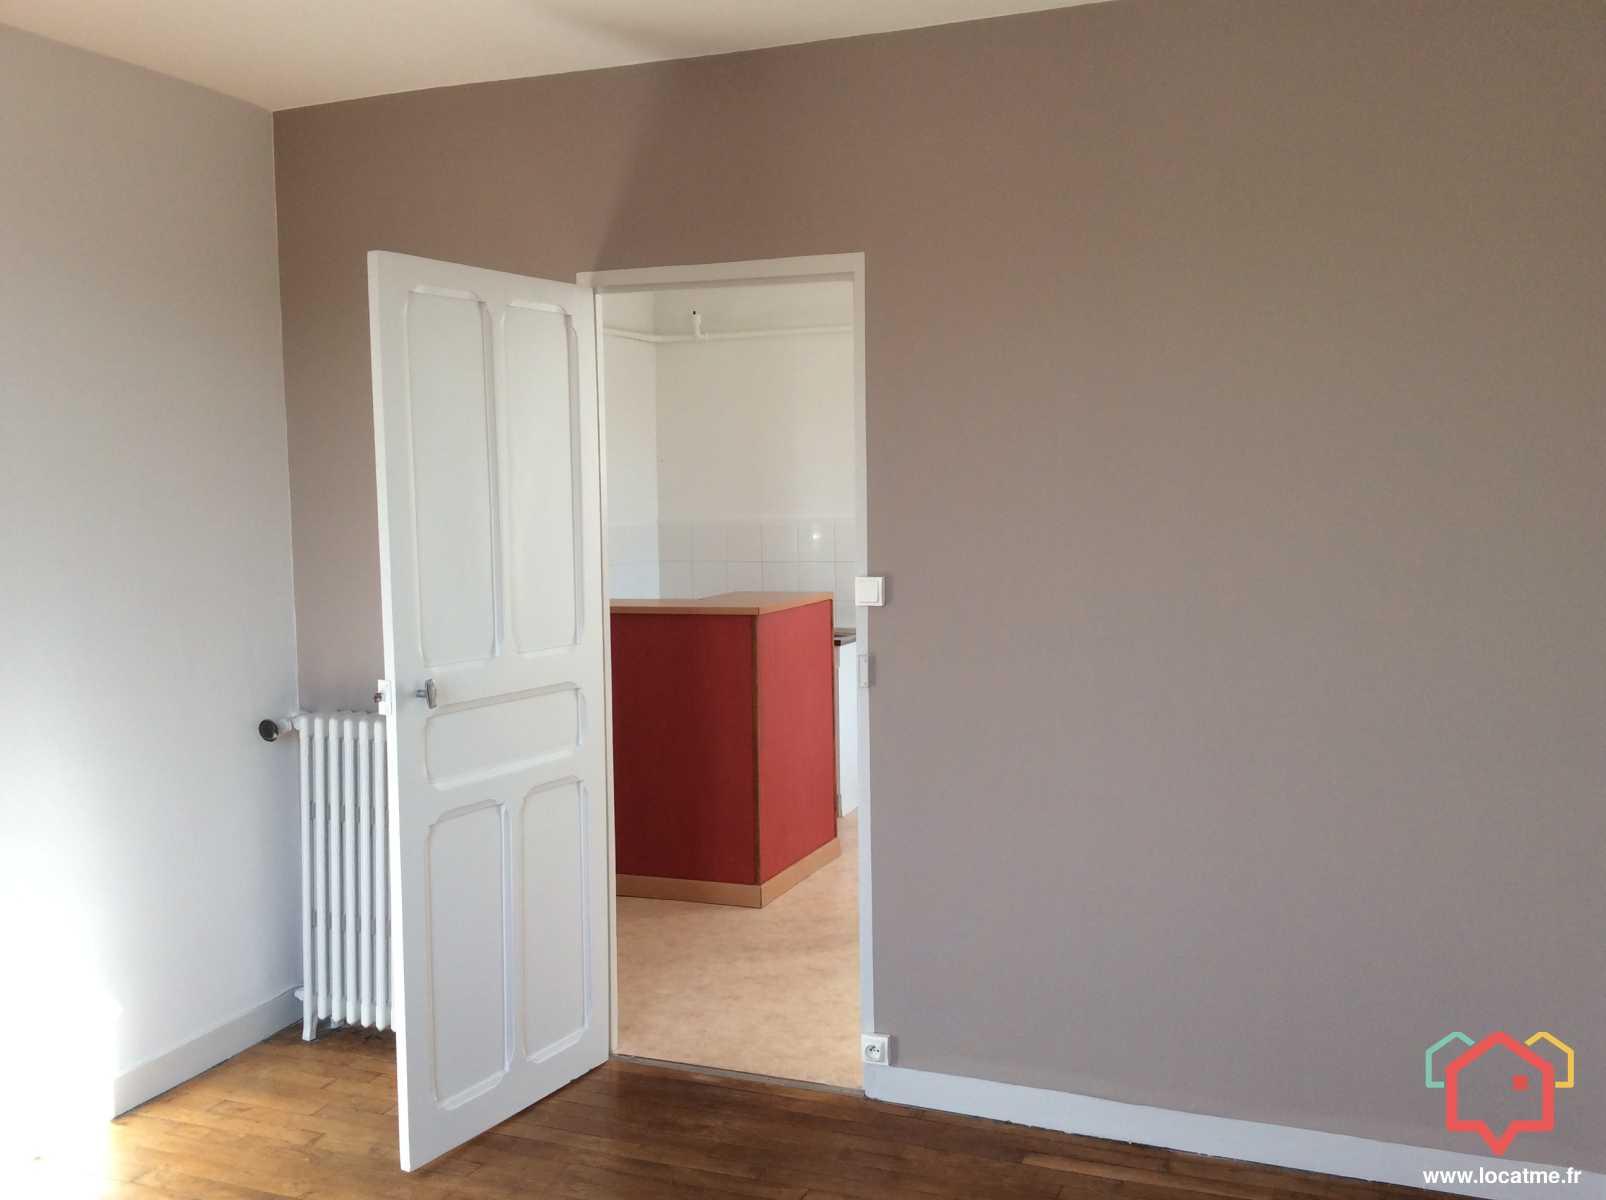 Location Appartement Non Meublé 59m2 à Rennes